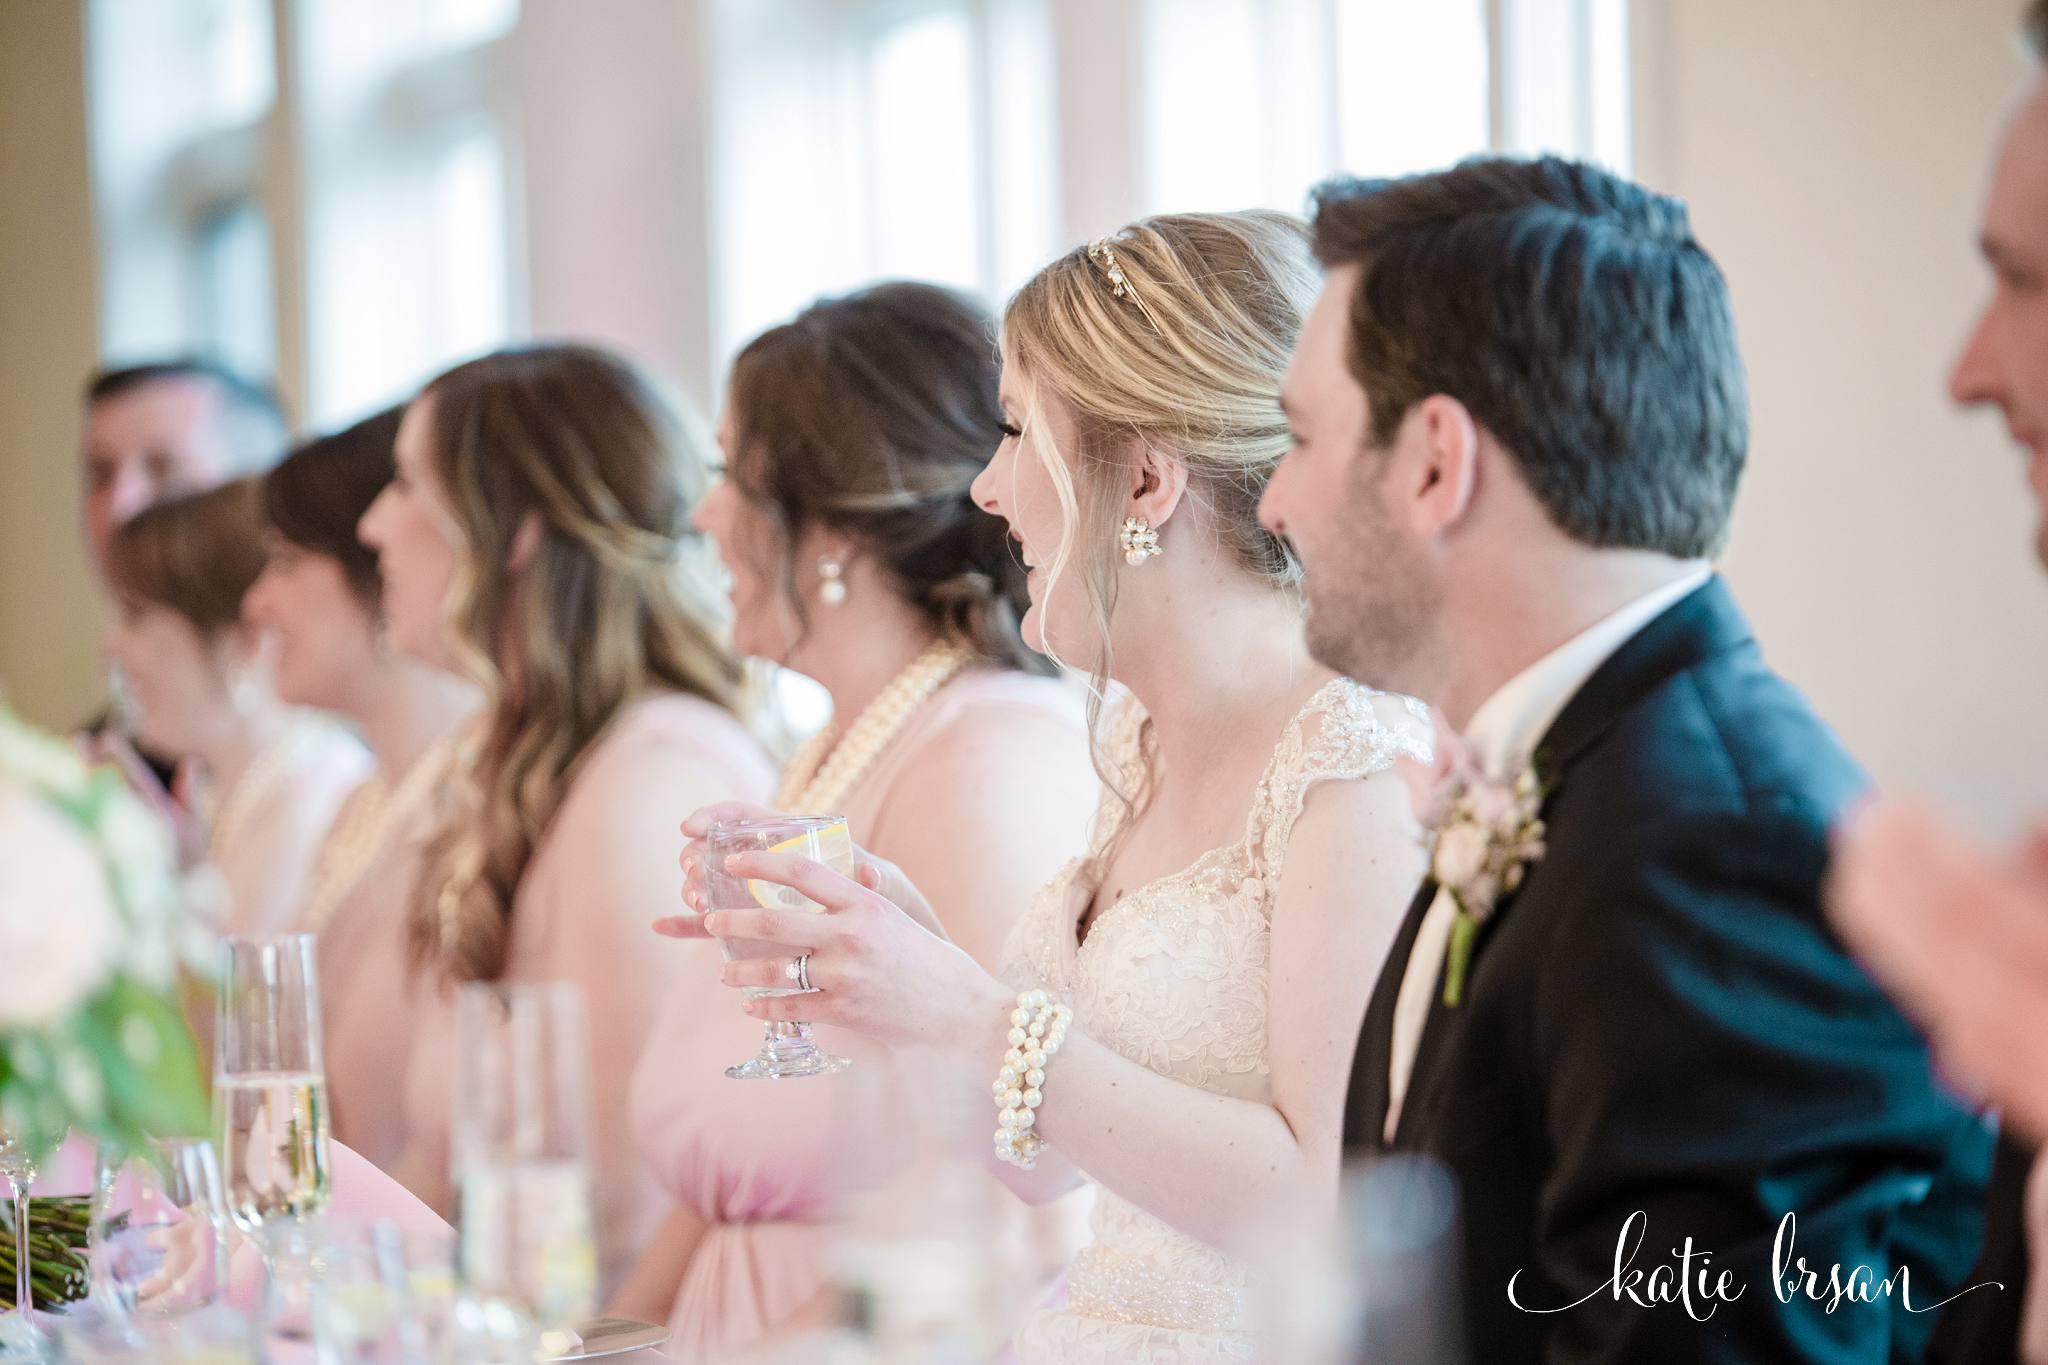 Mokena_Lemont_Wedding_Ruffled_Feathers_Wedding_1421.jpg